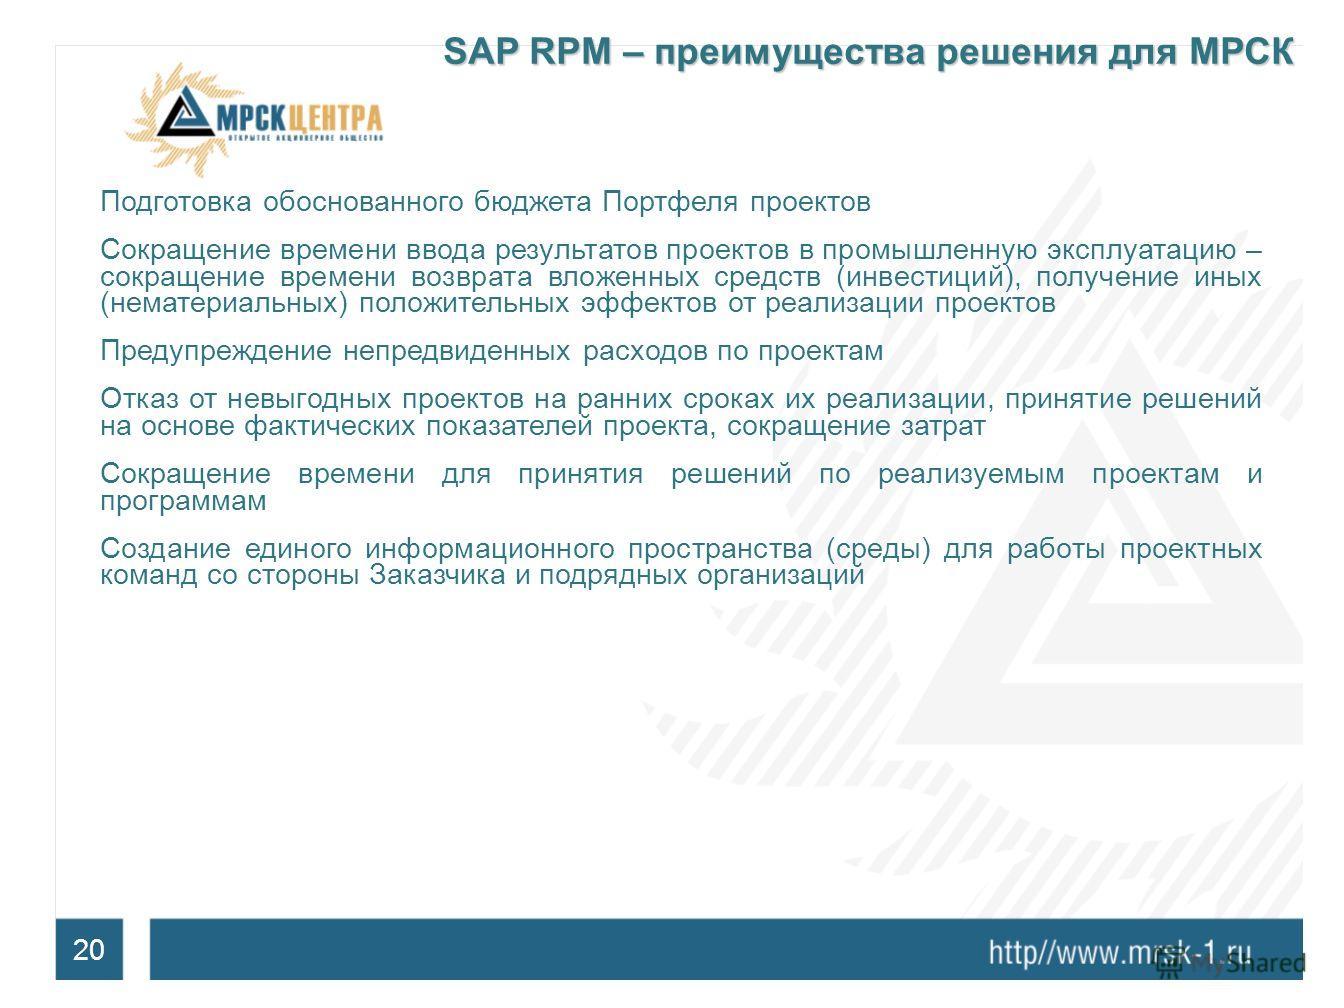 20 SAP RPM – преимущества решения для МРСК Подготовка обоснованного бюджета Портфеля проектов Сокращение времени ввода результатов проектов в промышленную эксплуатацию – сокращение времени возврата вложенных средств (инвестиций), получение иных (нема